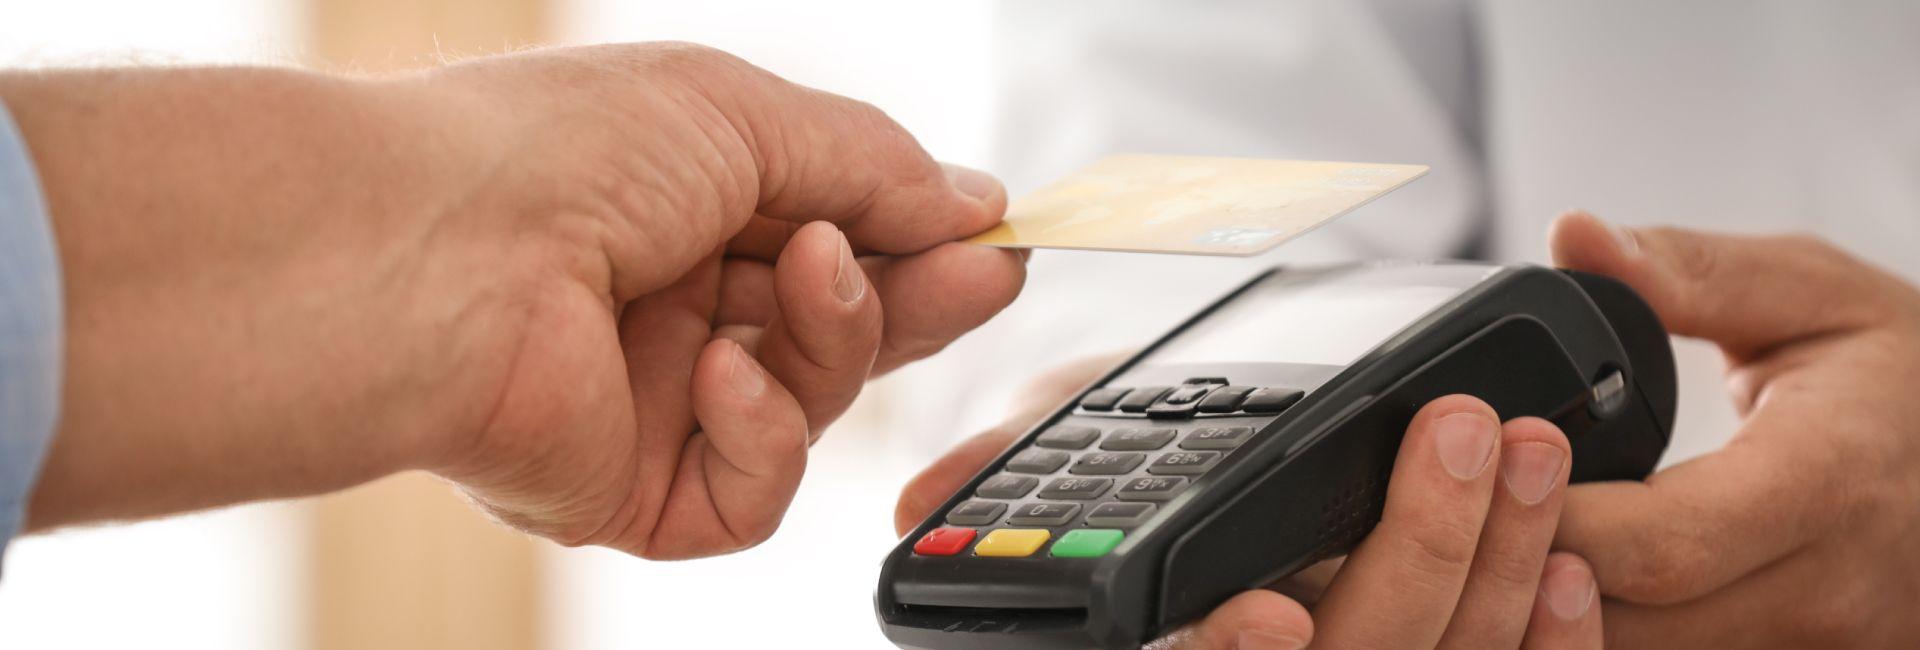 Bezpečí zaměstnanců díky bezkontaktním kartám